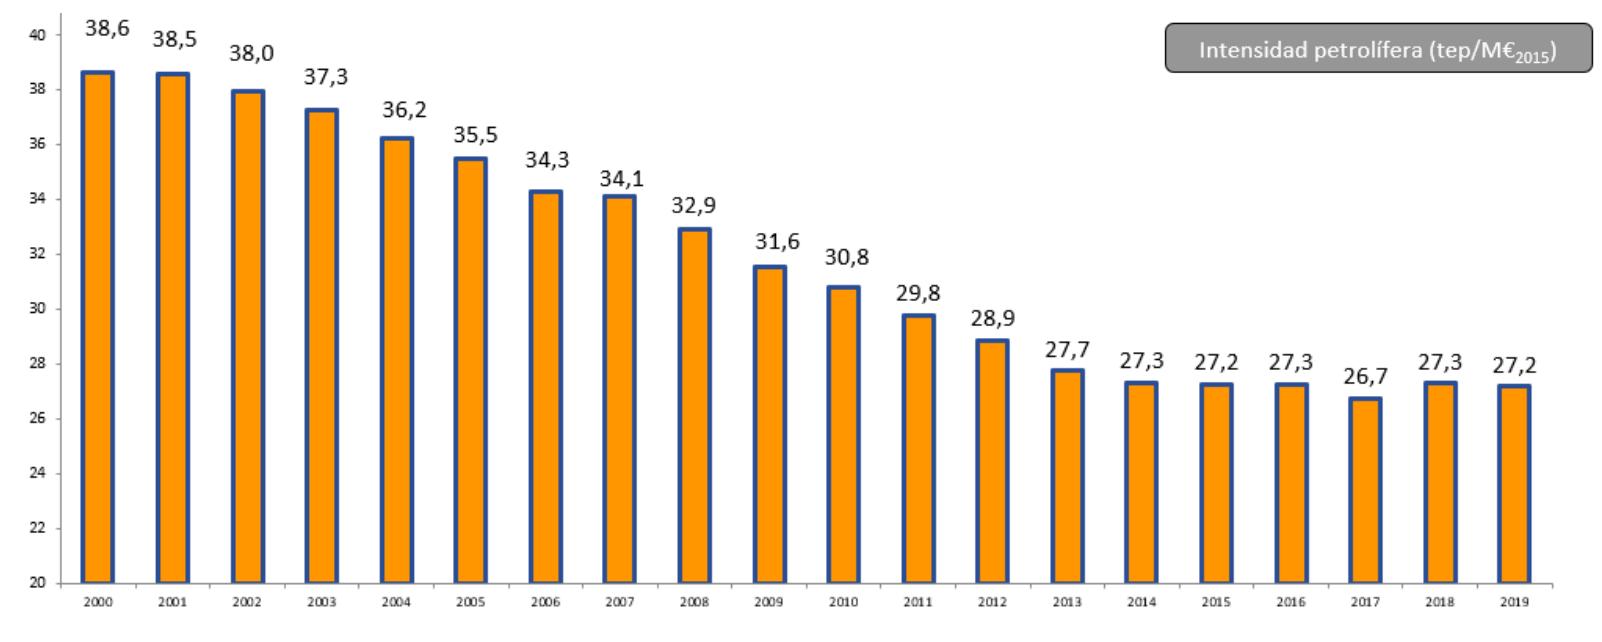 Gráfico: Evolución de la Intensidad petrolífera desde el año 2000 al 2019